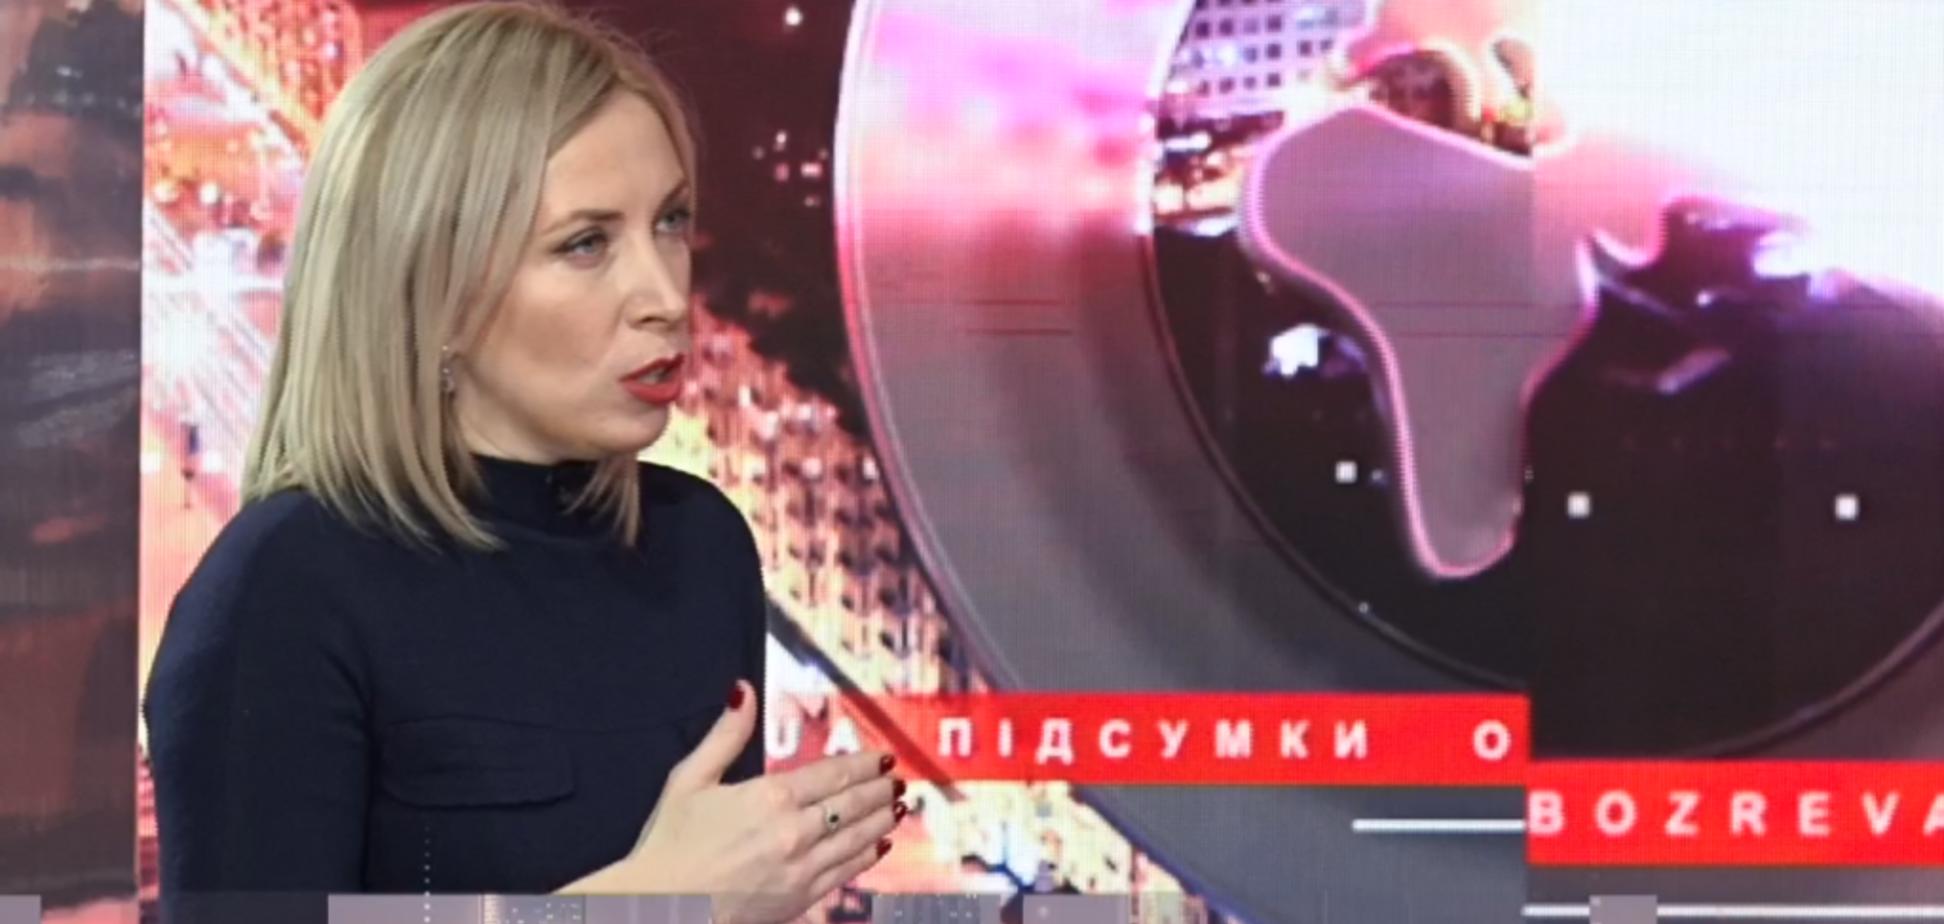 Пропаганда, политические провокации и отвлечение внимания: эксперты рассказали о тактике Кремля в ООН